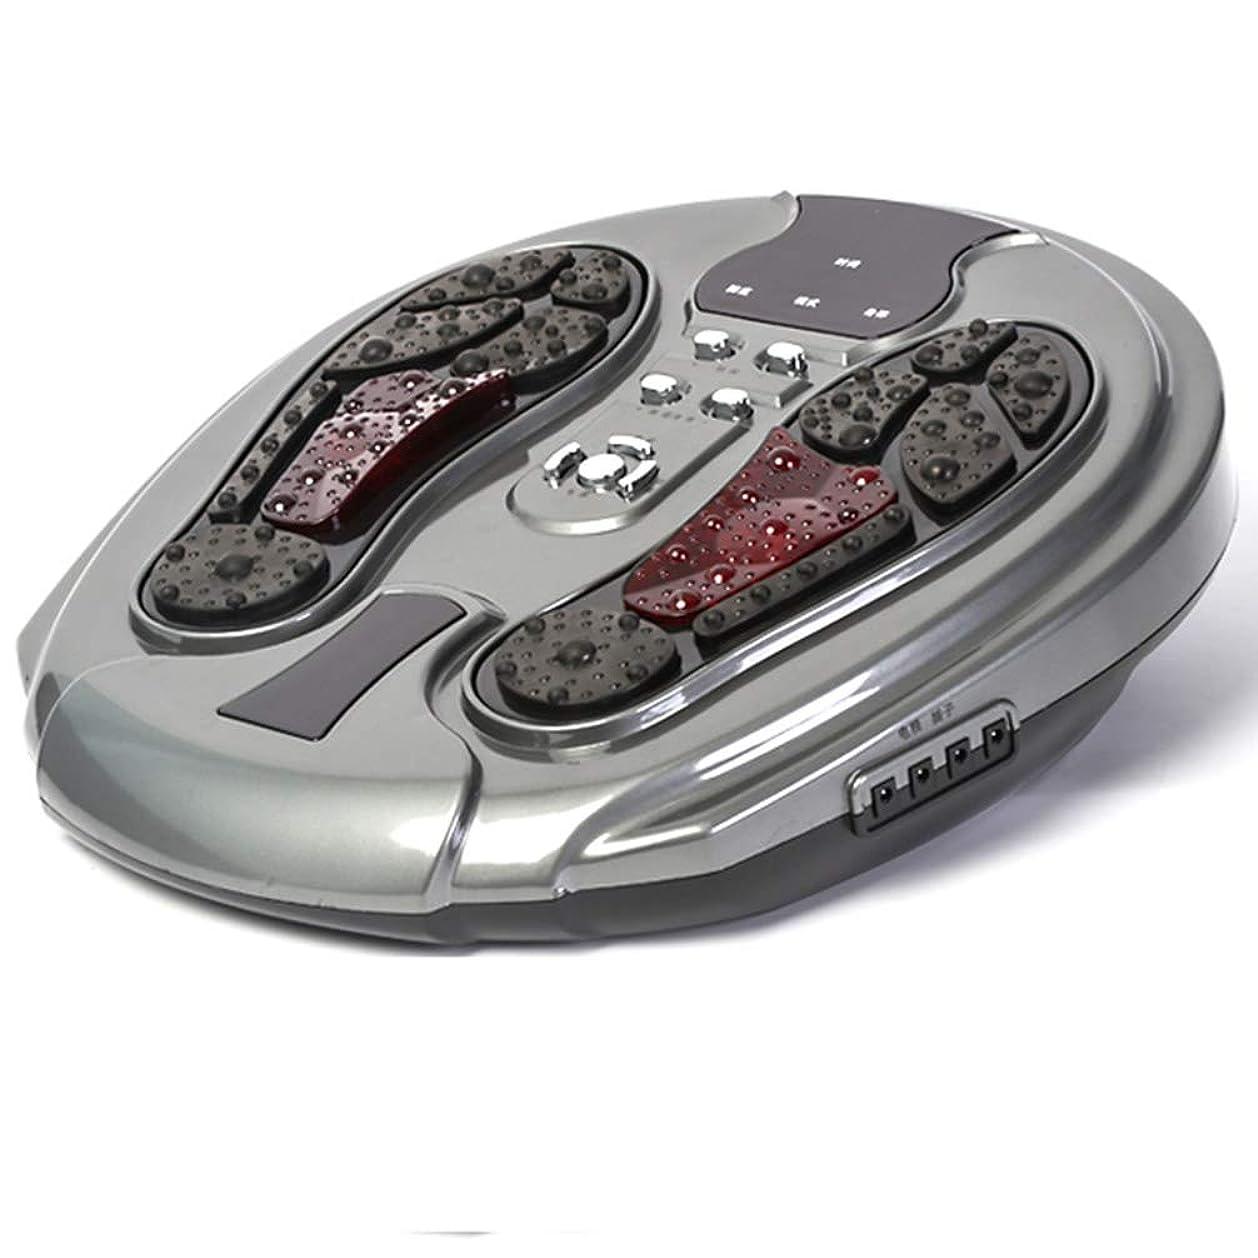 ベアリング反動バーガー調整可能 フットマッサージ機、電気指圧式フットマッサージャー(熱、空気圧縮、足用マッサージおよび家庭用およびオフィス用) リラックス, gray